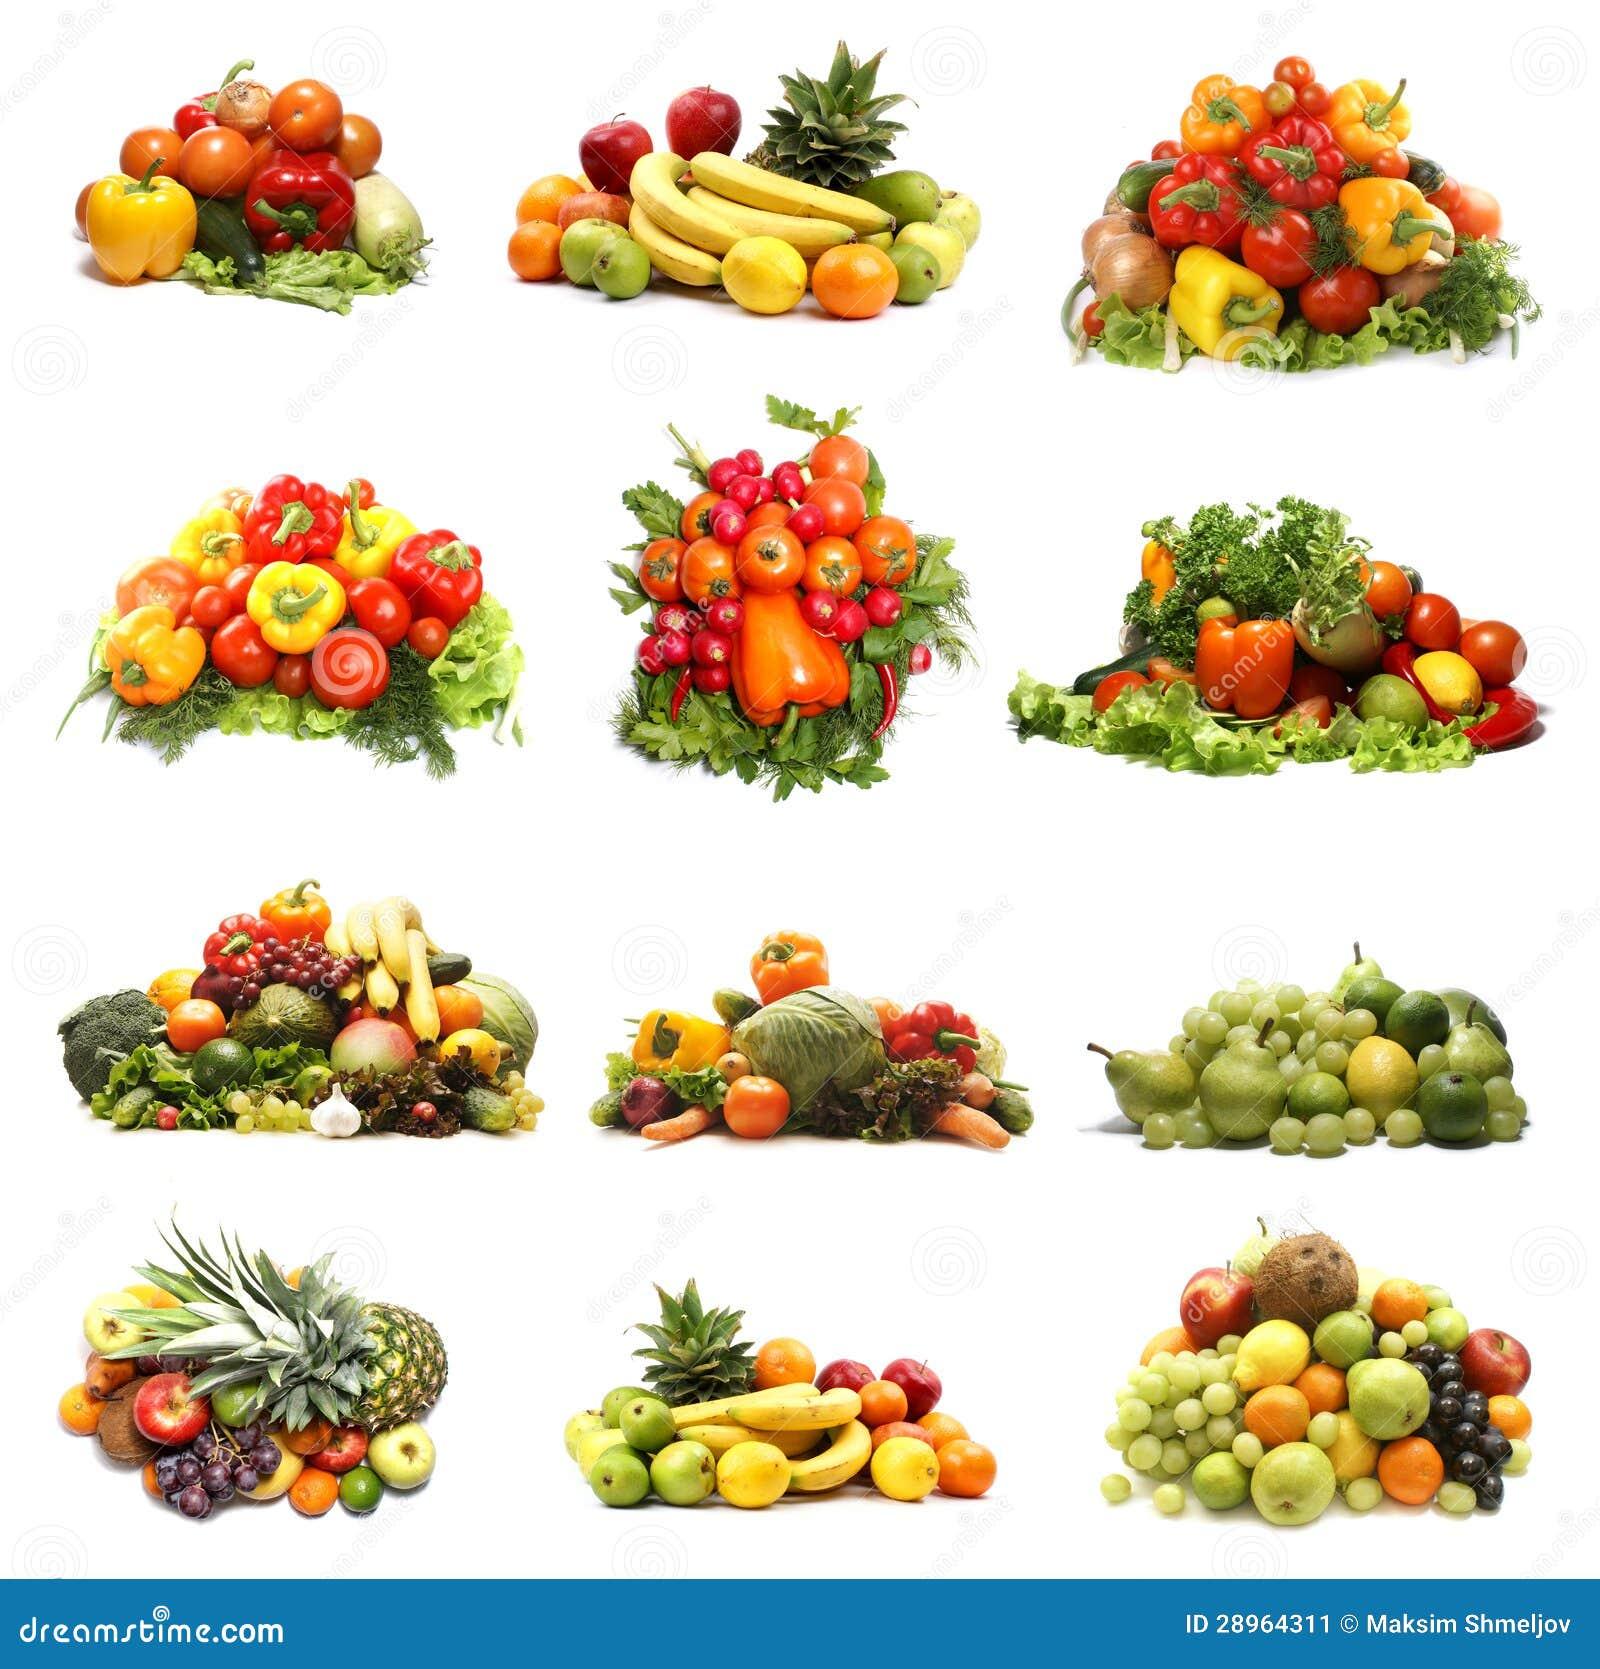 En collage av många olika frukter och grönsaker